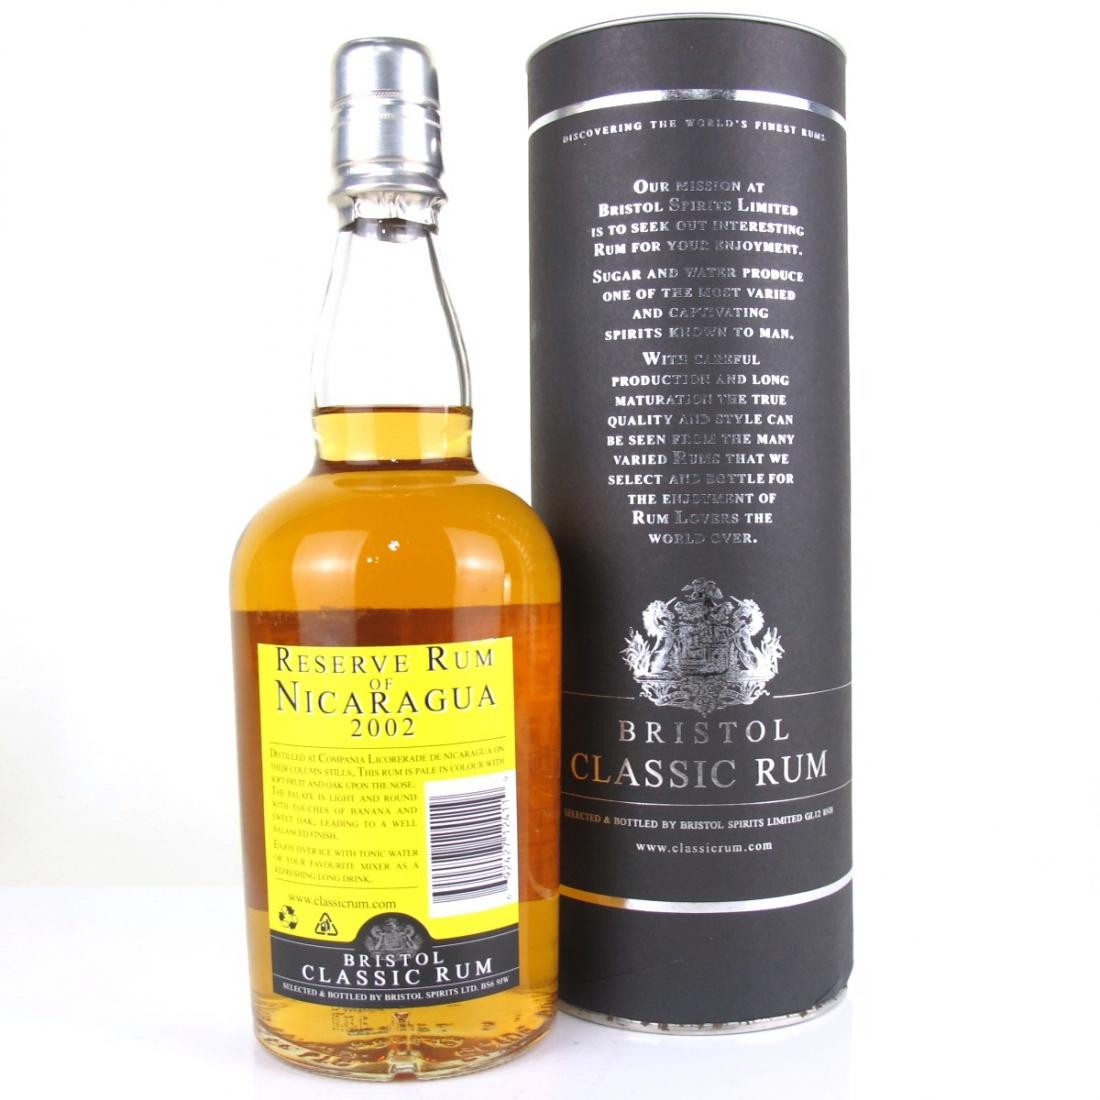 Nicaragua 2002 Bristol Classic Reserve Rum